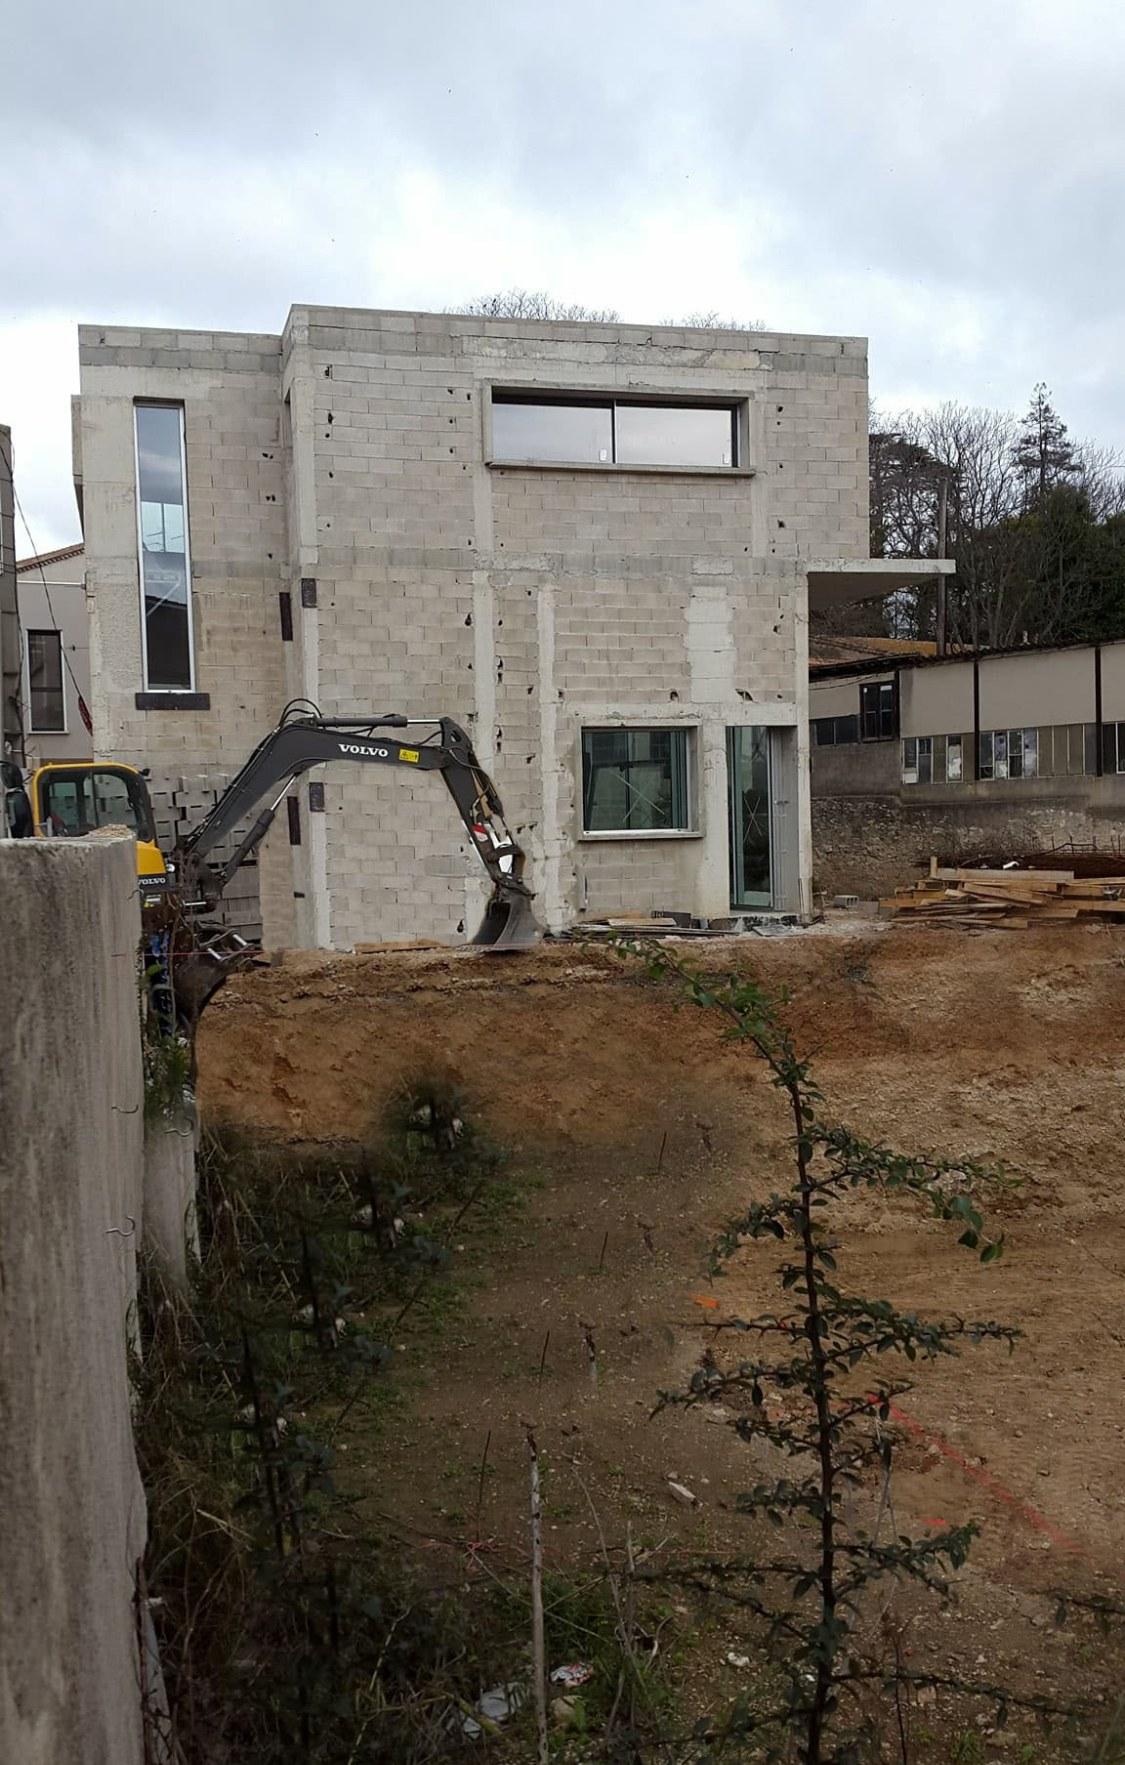 Constructeur De Maison Marseille exemple de chantier mars 2018 a propos (entreprise nouvel